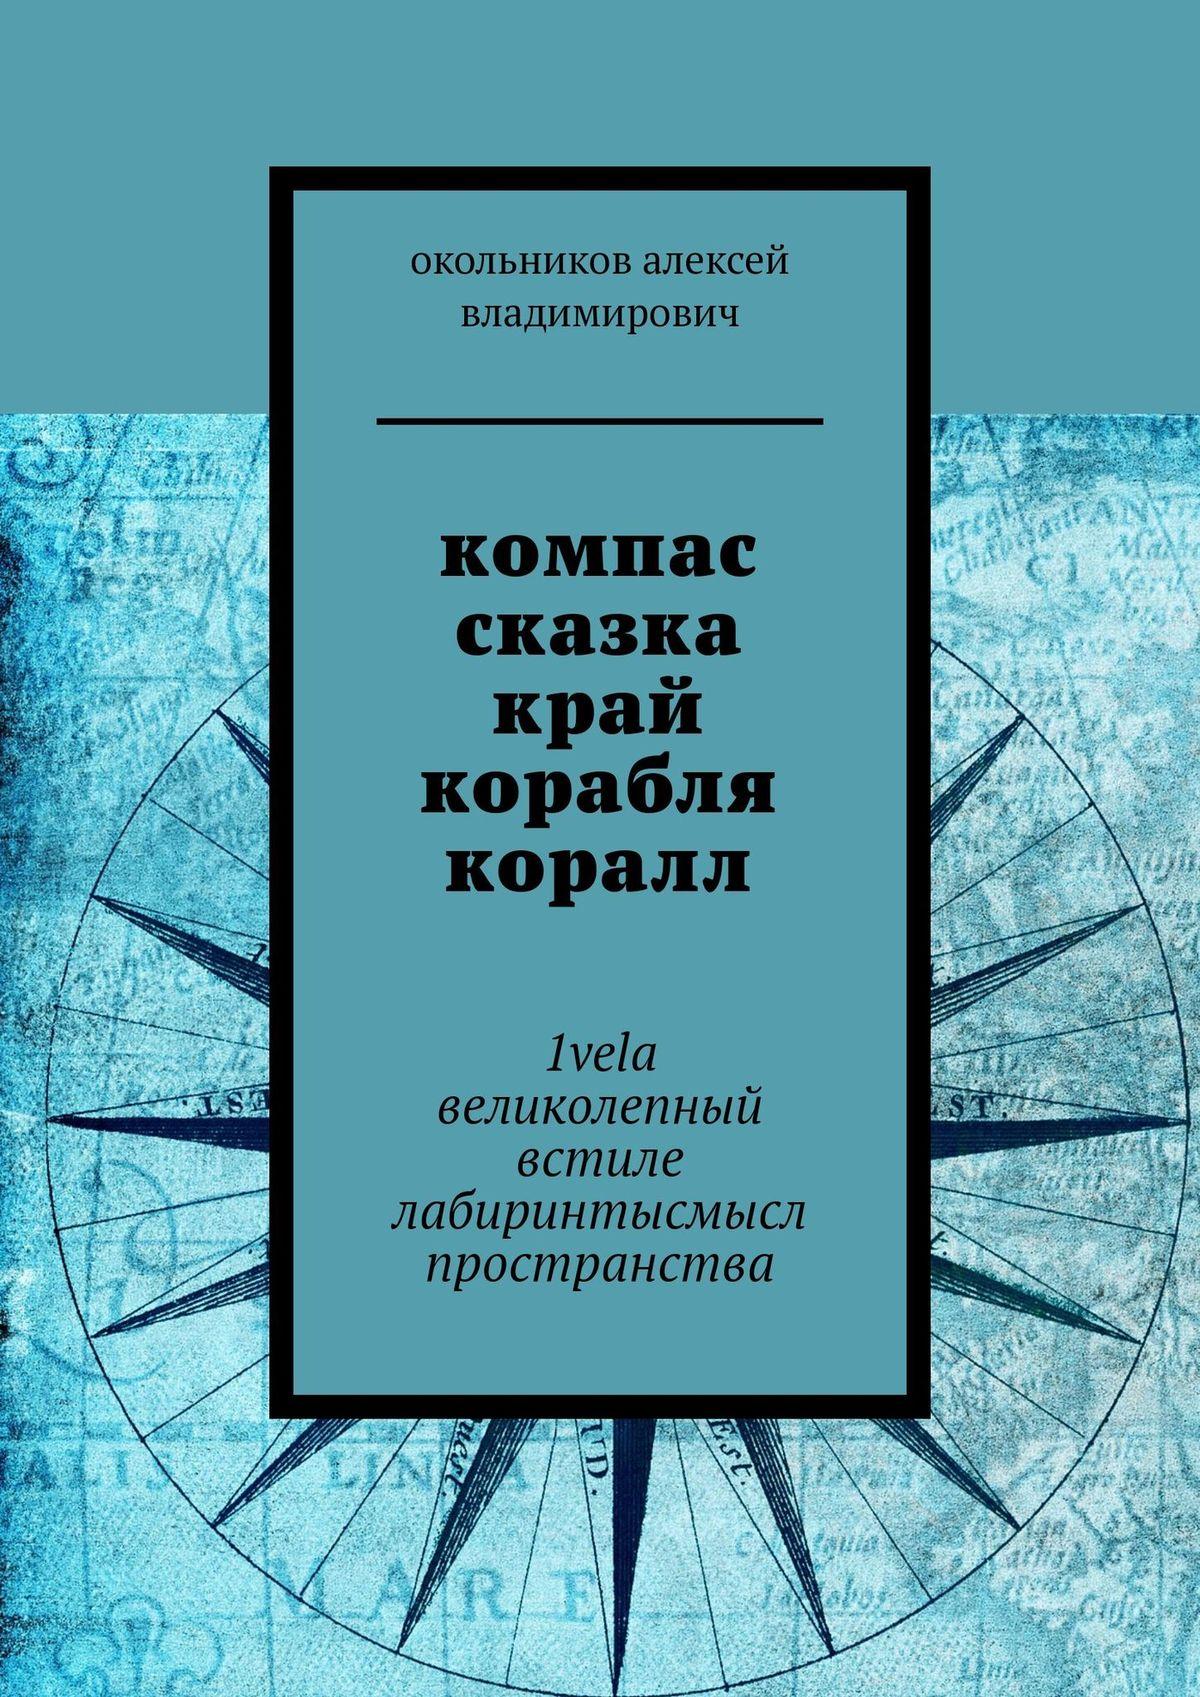 Обложка «компас сказка край корабля коралл. 1vela великолепный встиле лабиринты смысл пространства»